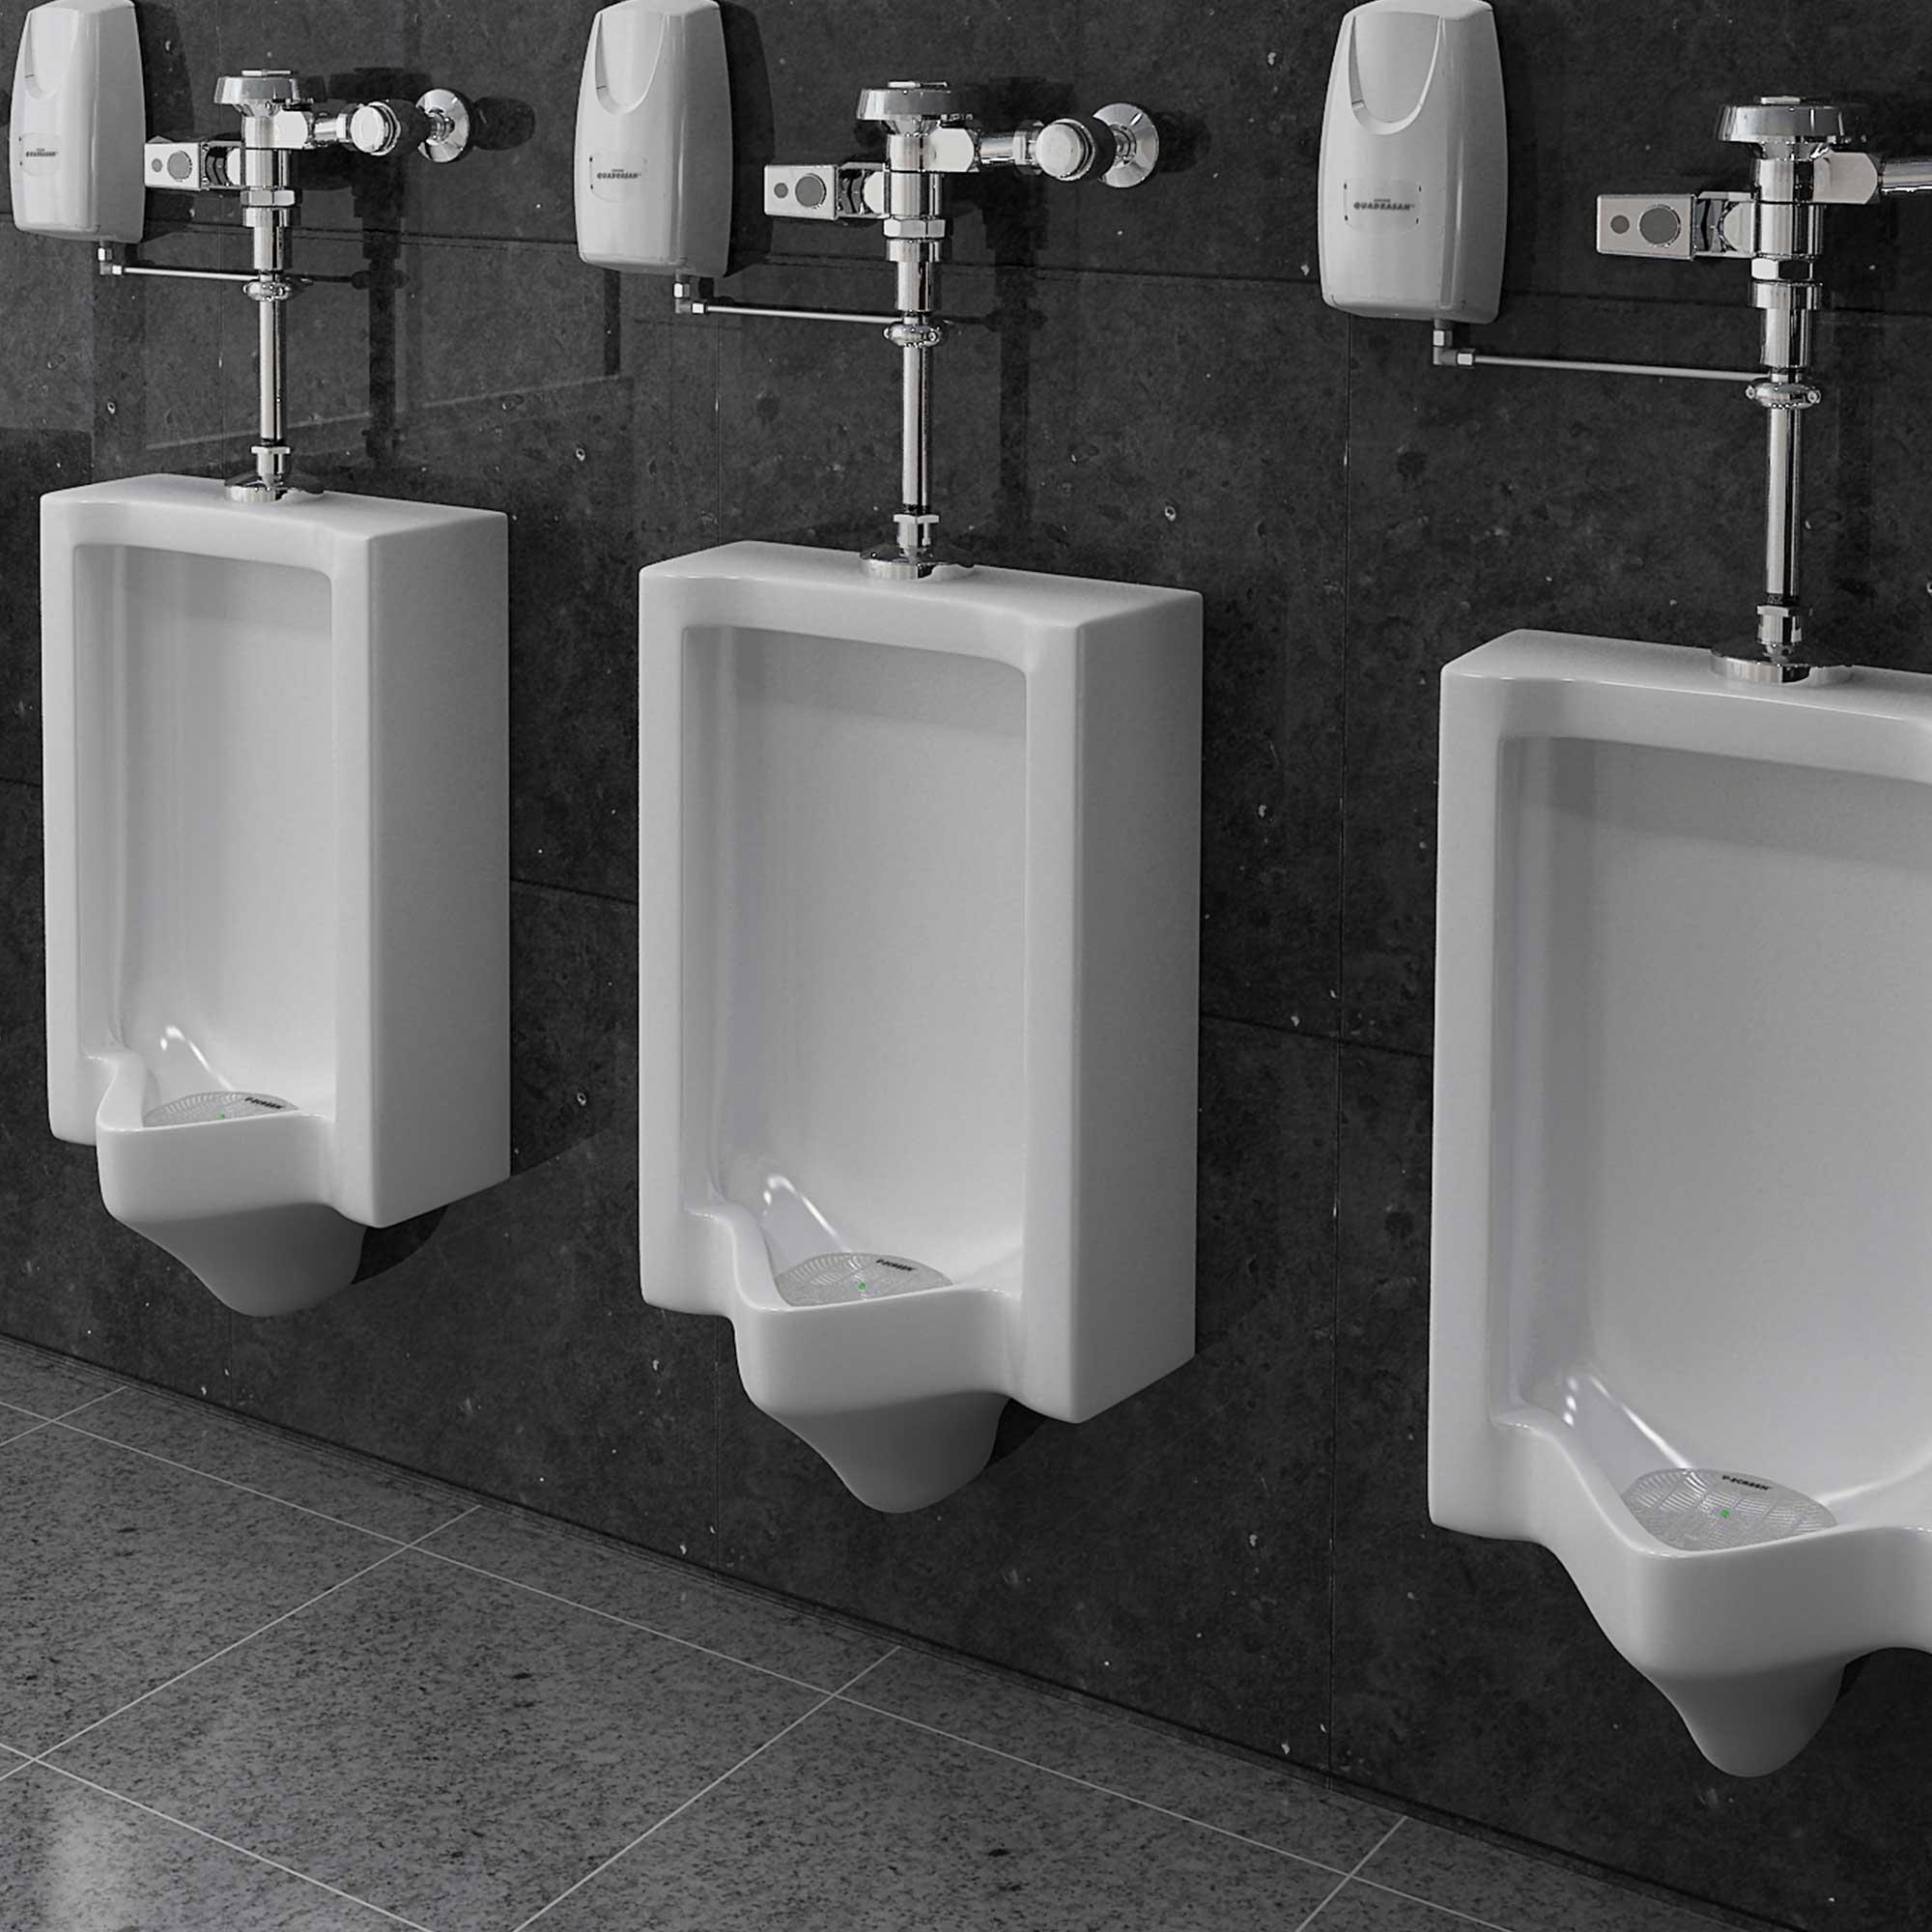 Quadrasan Family - Urinal Location